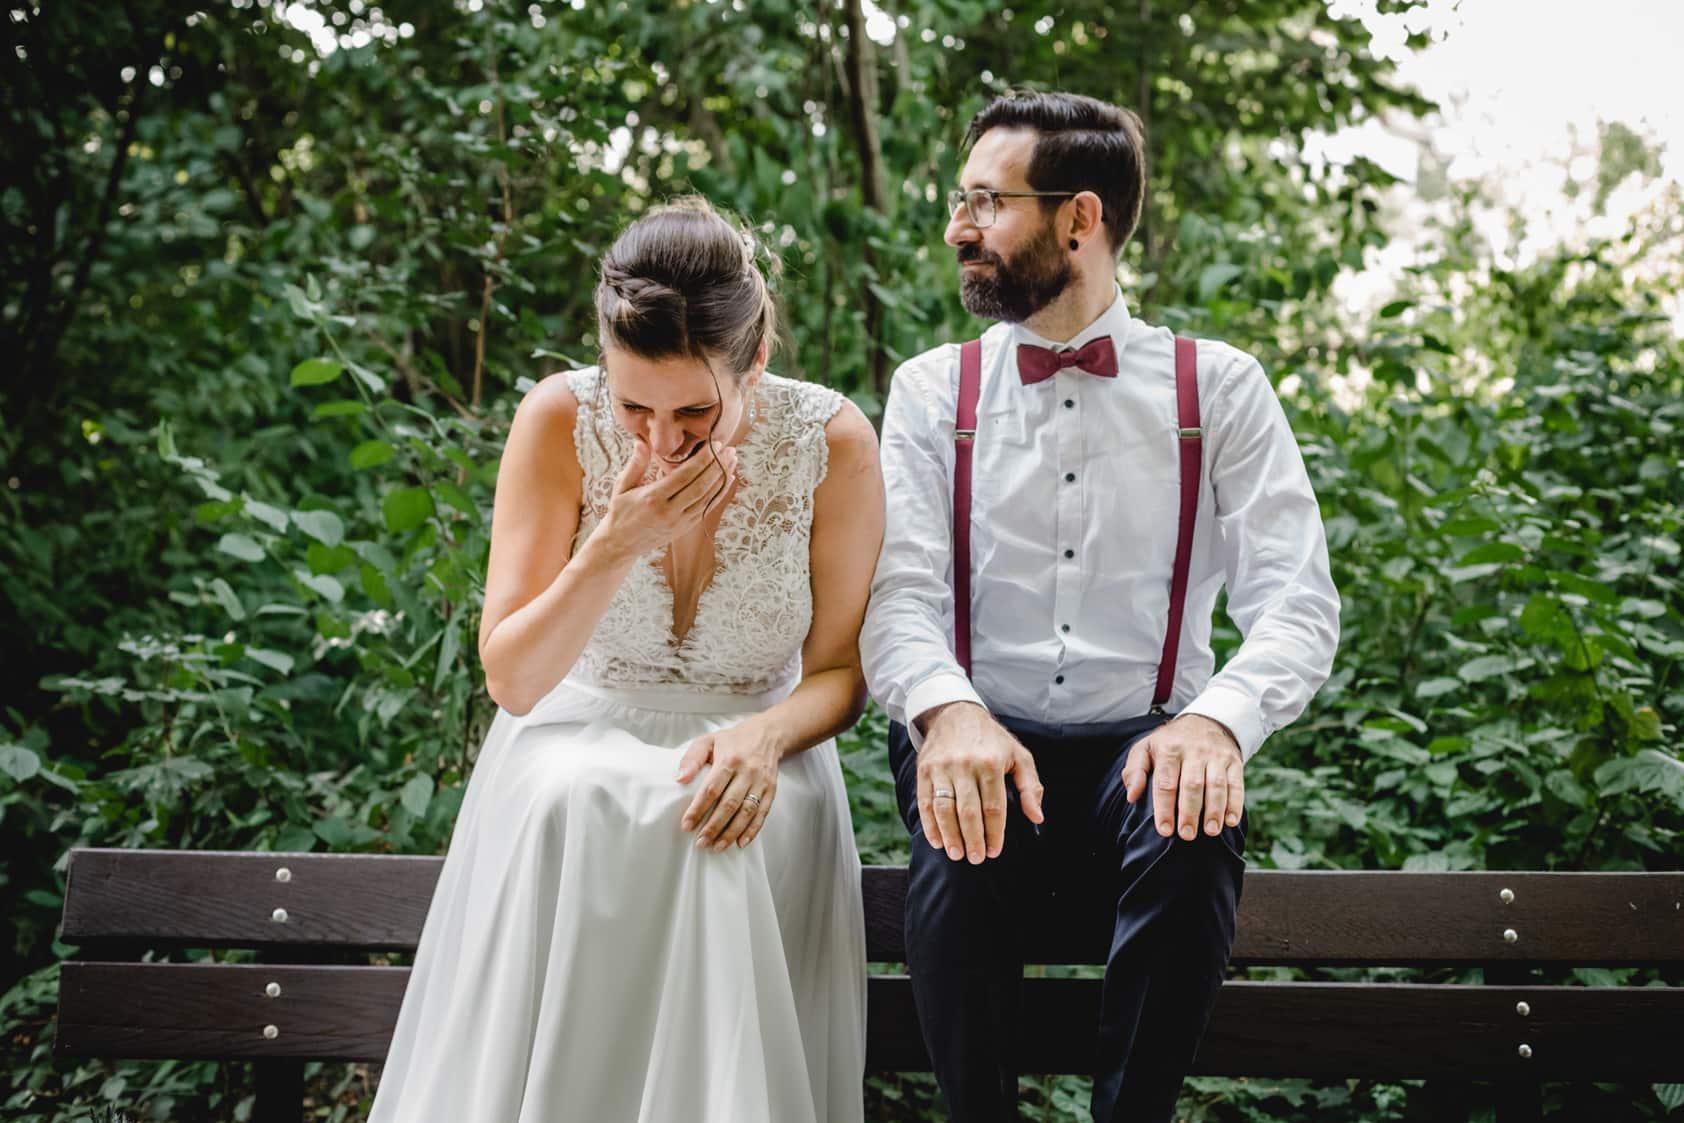 Brautpaarshooting in Groß-Gerau